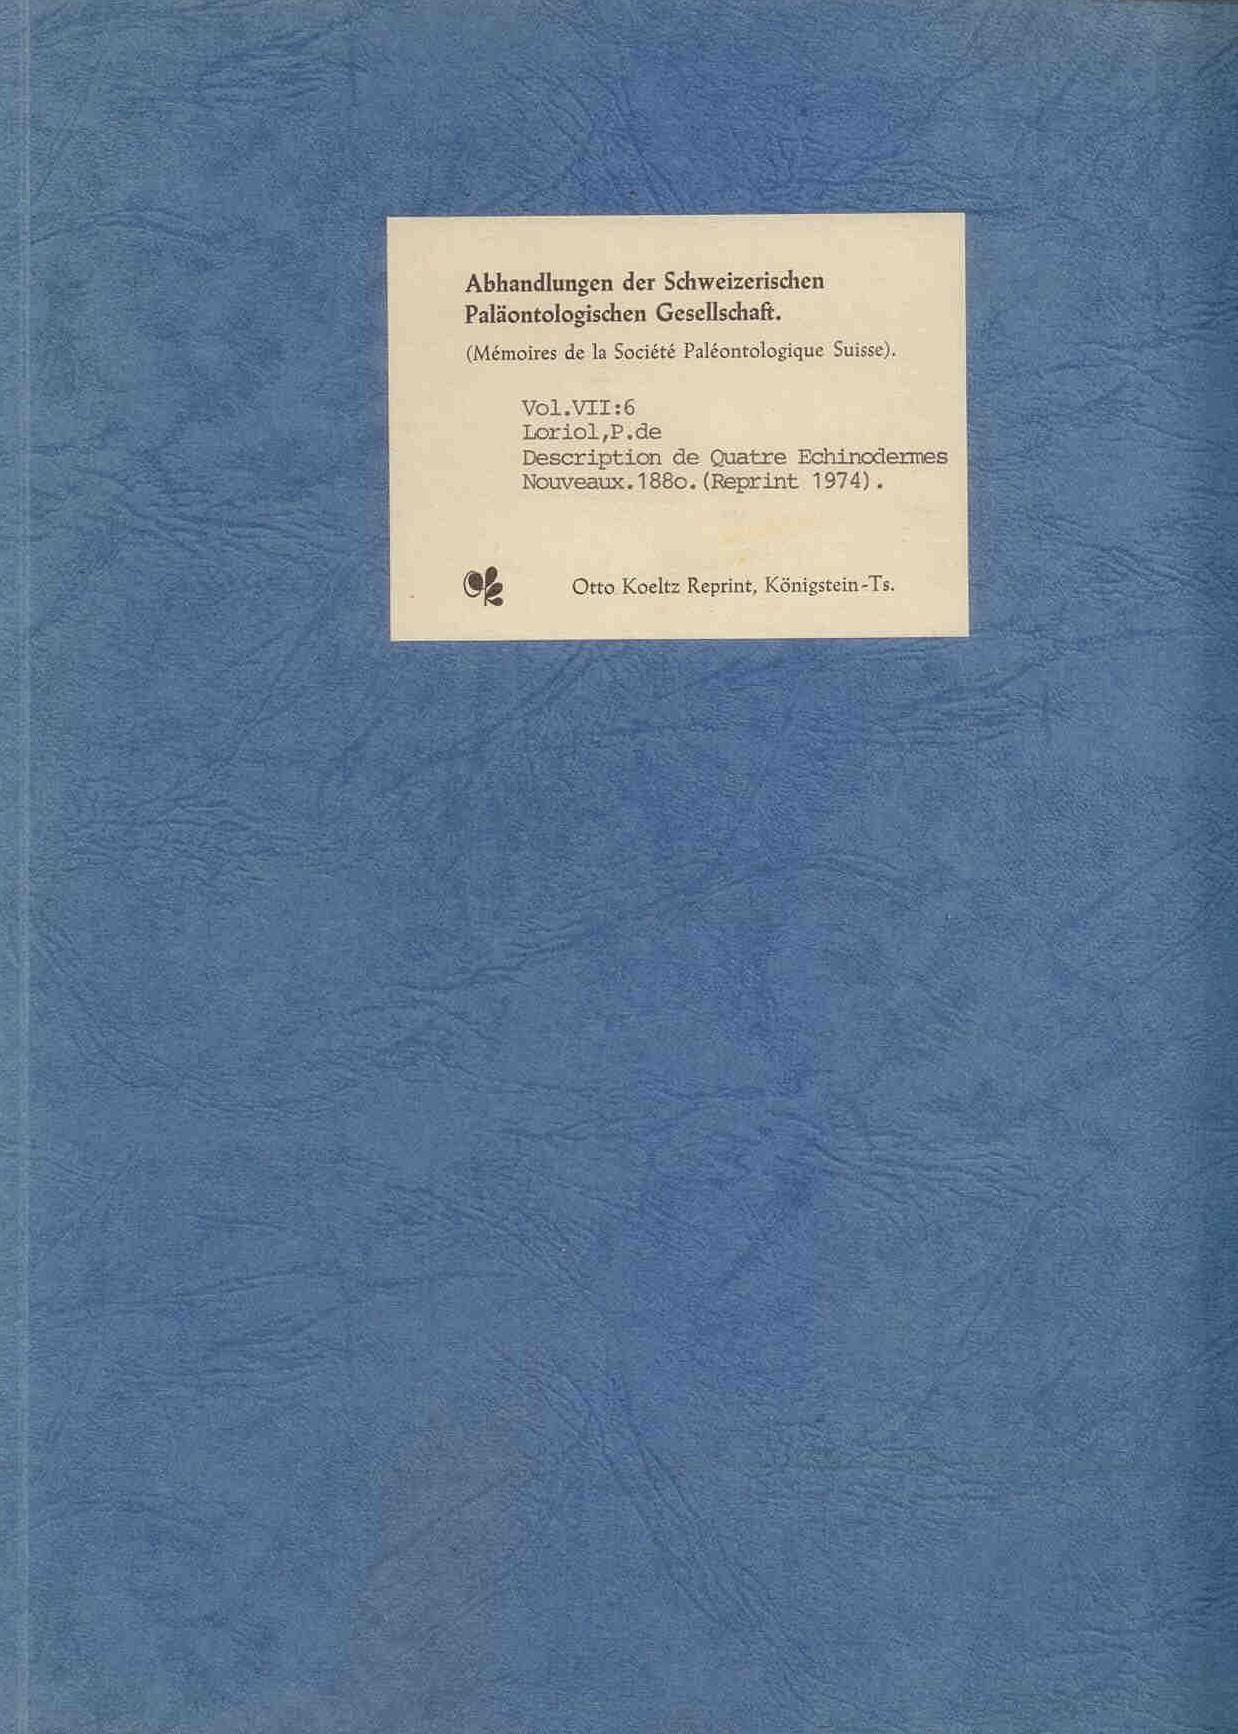 Loriol, P.:Description de Quatre Echinodermes Nouveaux